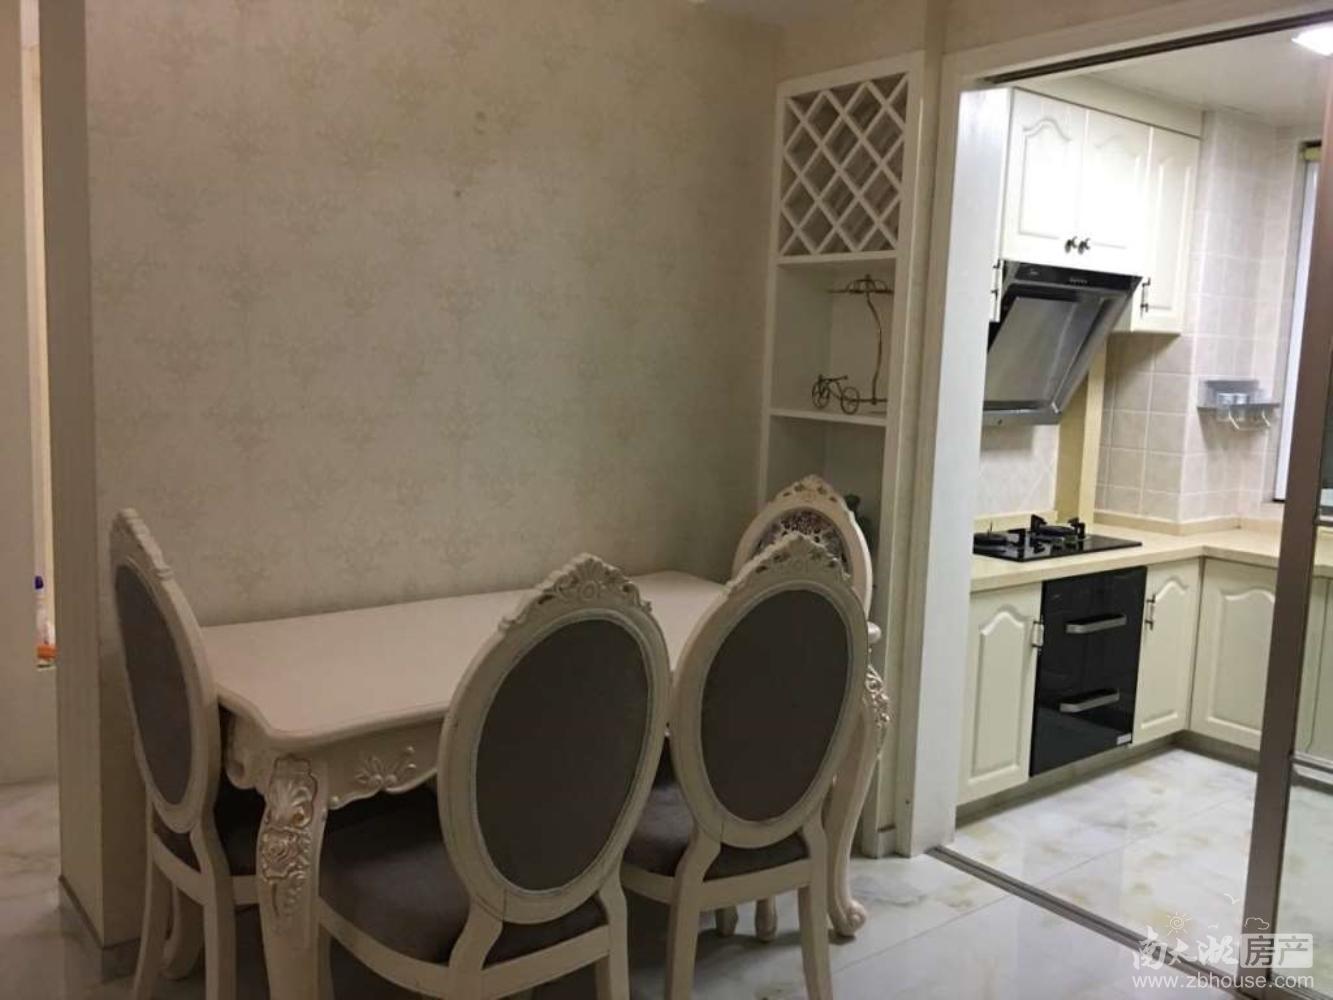 春江名城出租:精装修、2室2厅1卫,拎包入住。